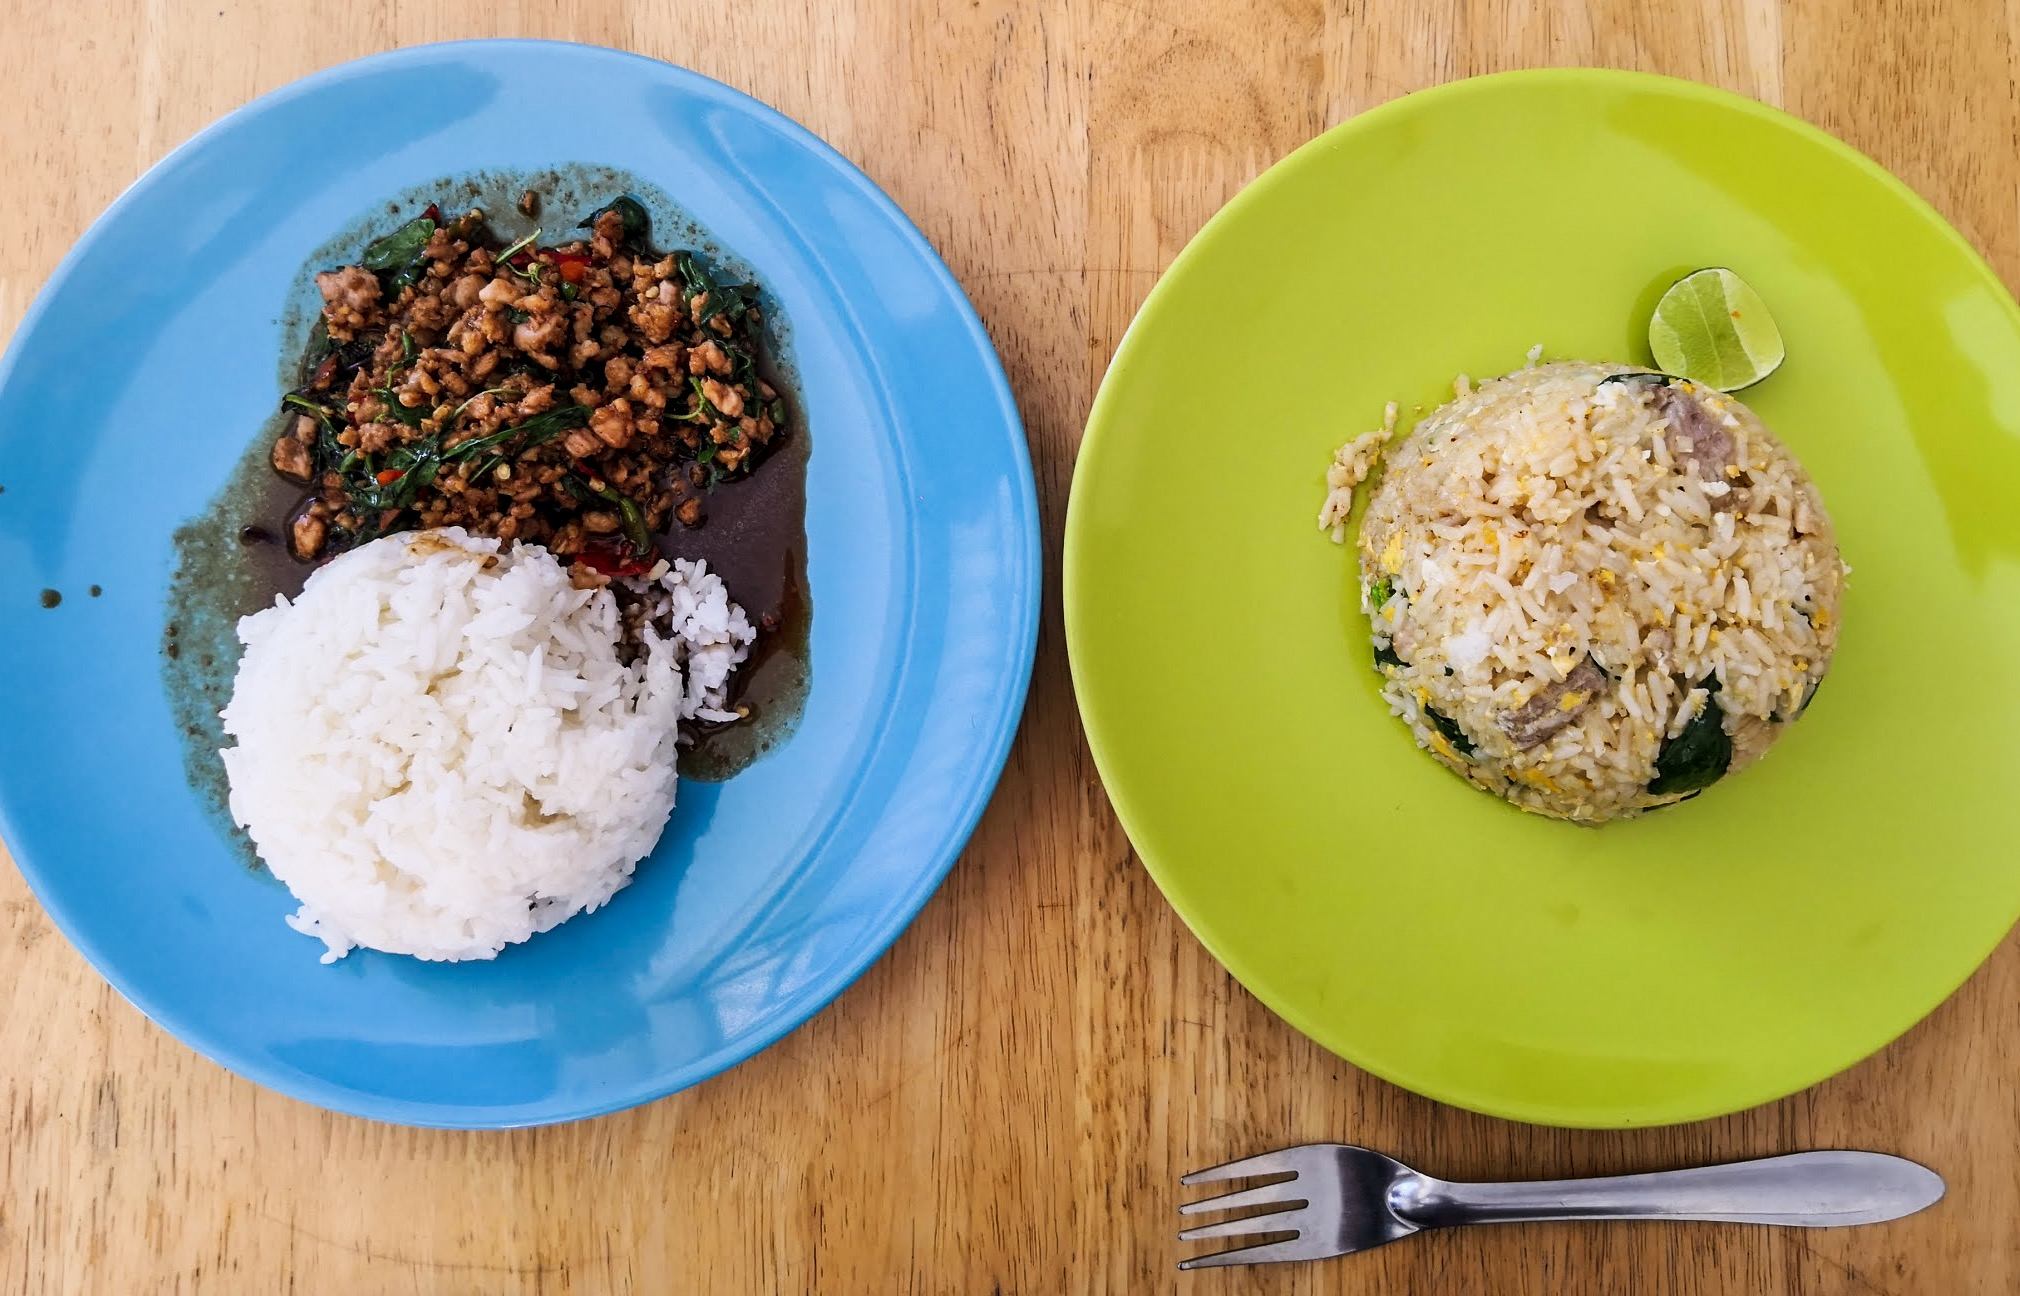 Balra: darált disznóhús bazsalikomos, csilis szójaszószban rizzsel - Levi kb minden másnap ezt ette.  Jobbra: húsos, zöldséges pirított rizs. Nem néz ki felnőtt adagnak, de valójában elég laktató